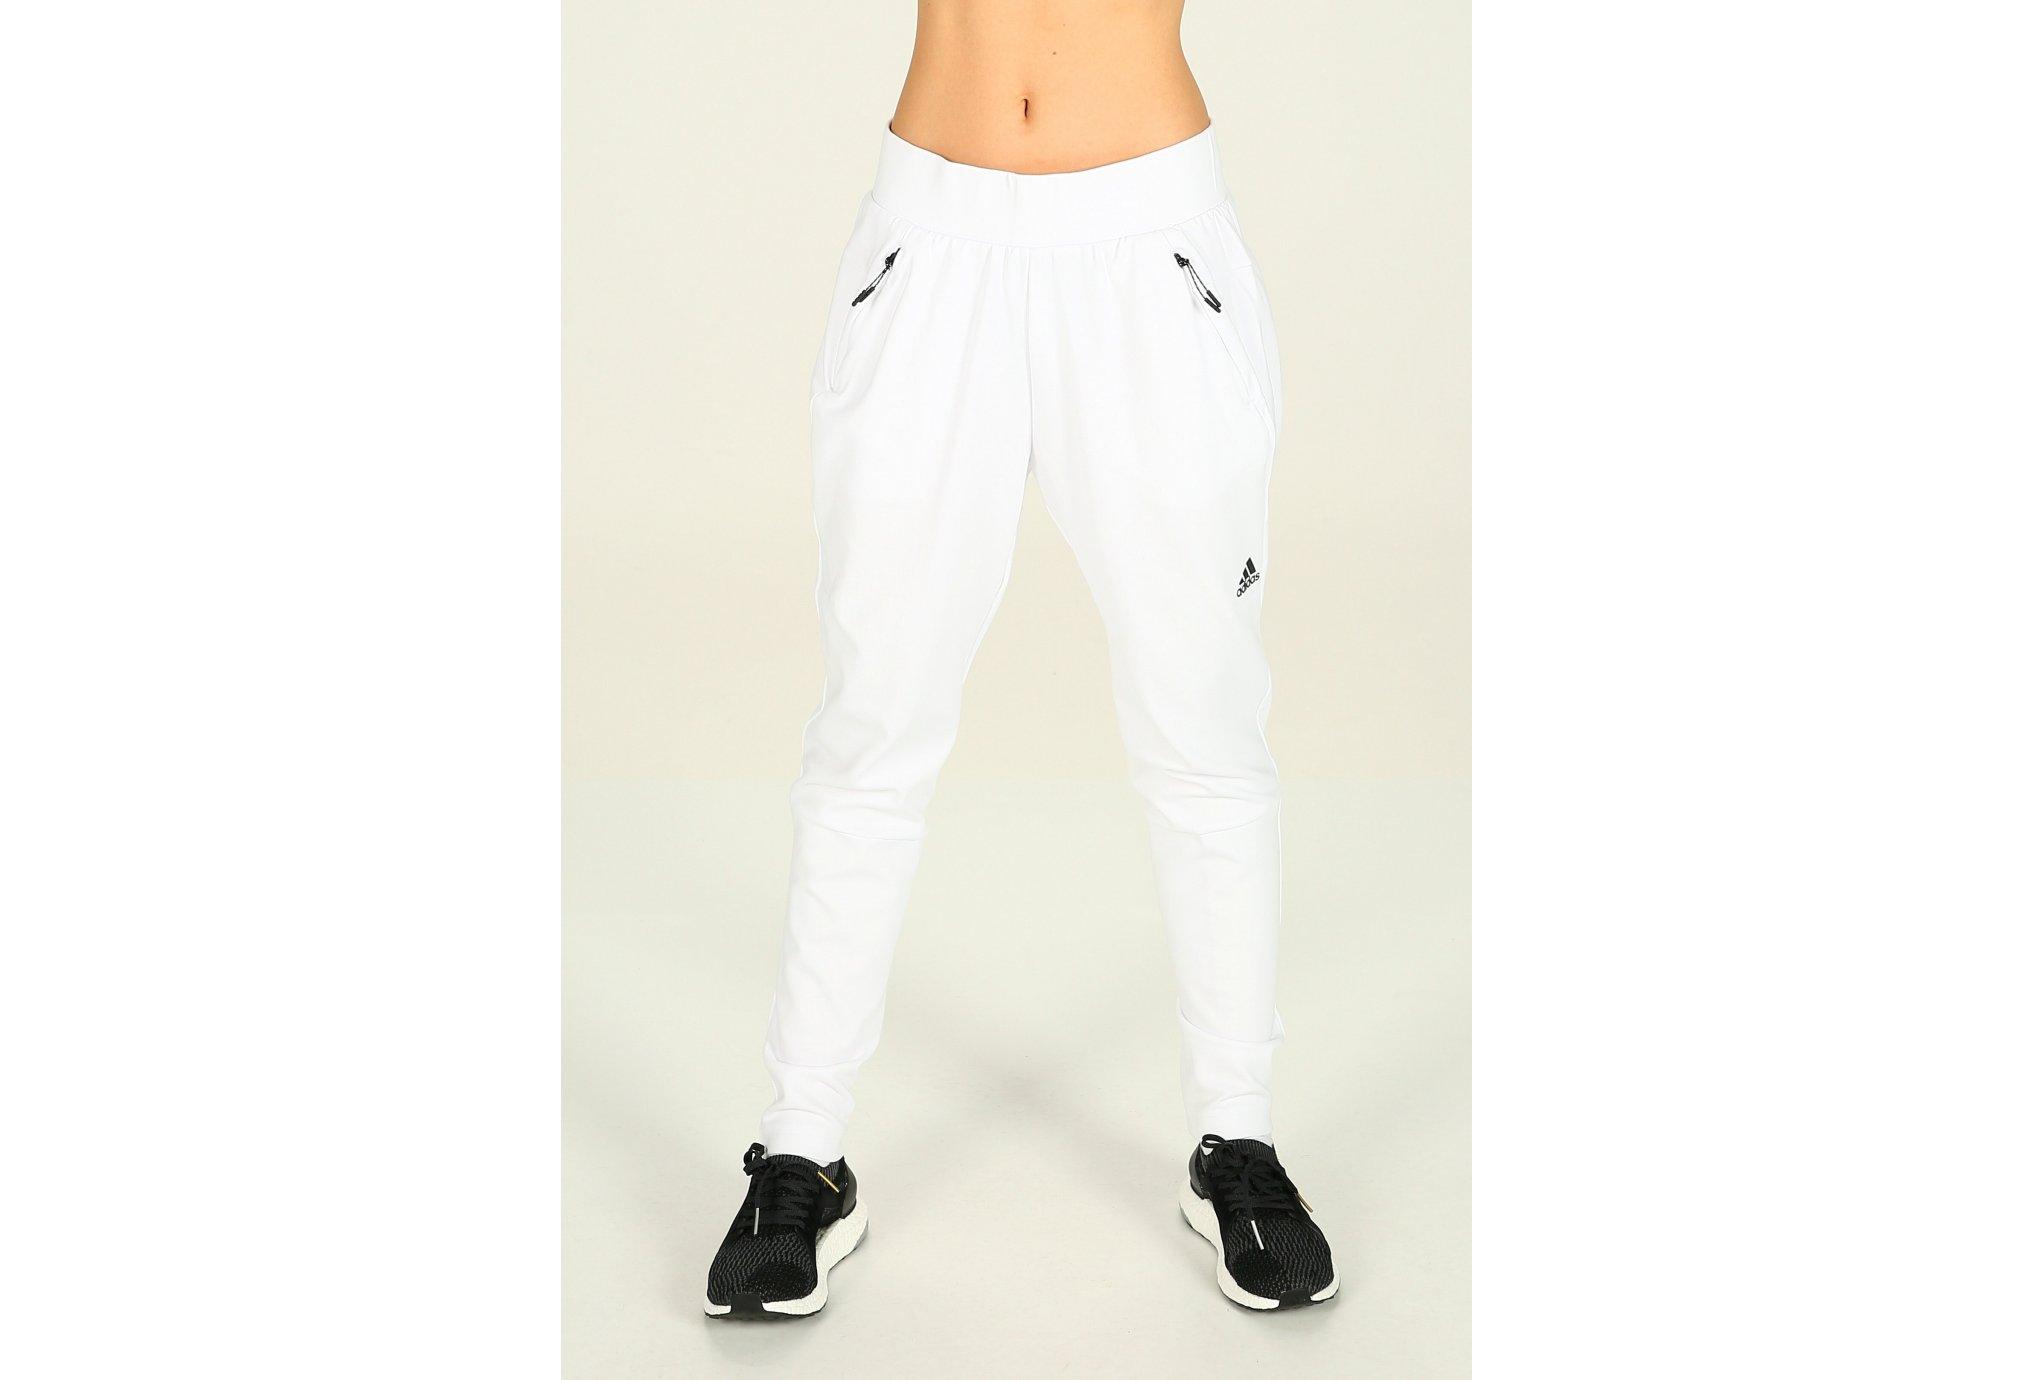 Adidas Z.N.e w vêtement running femme